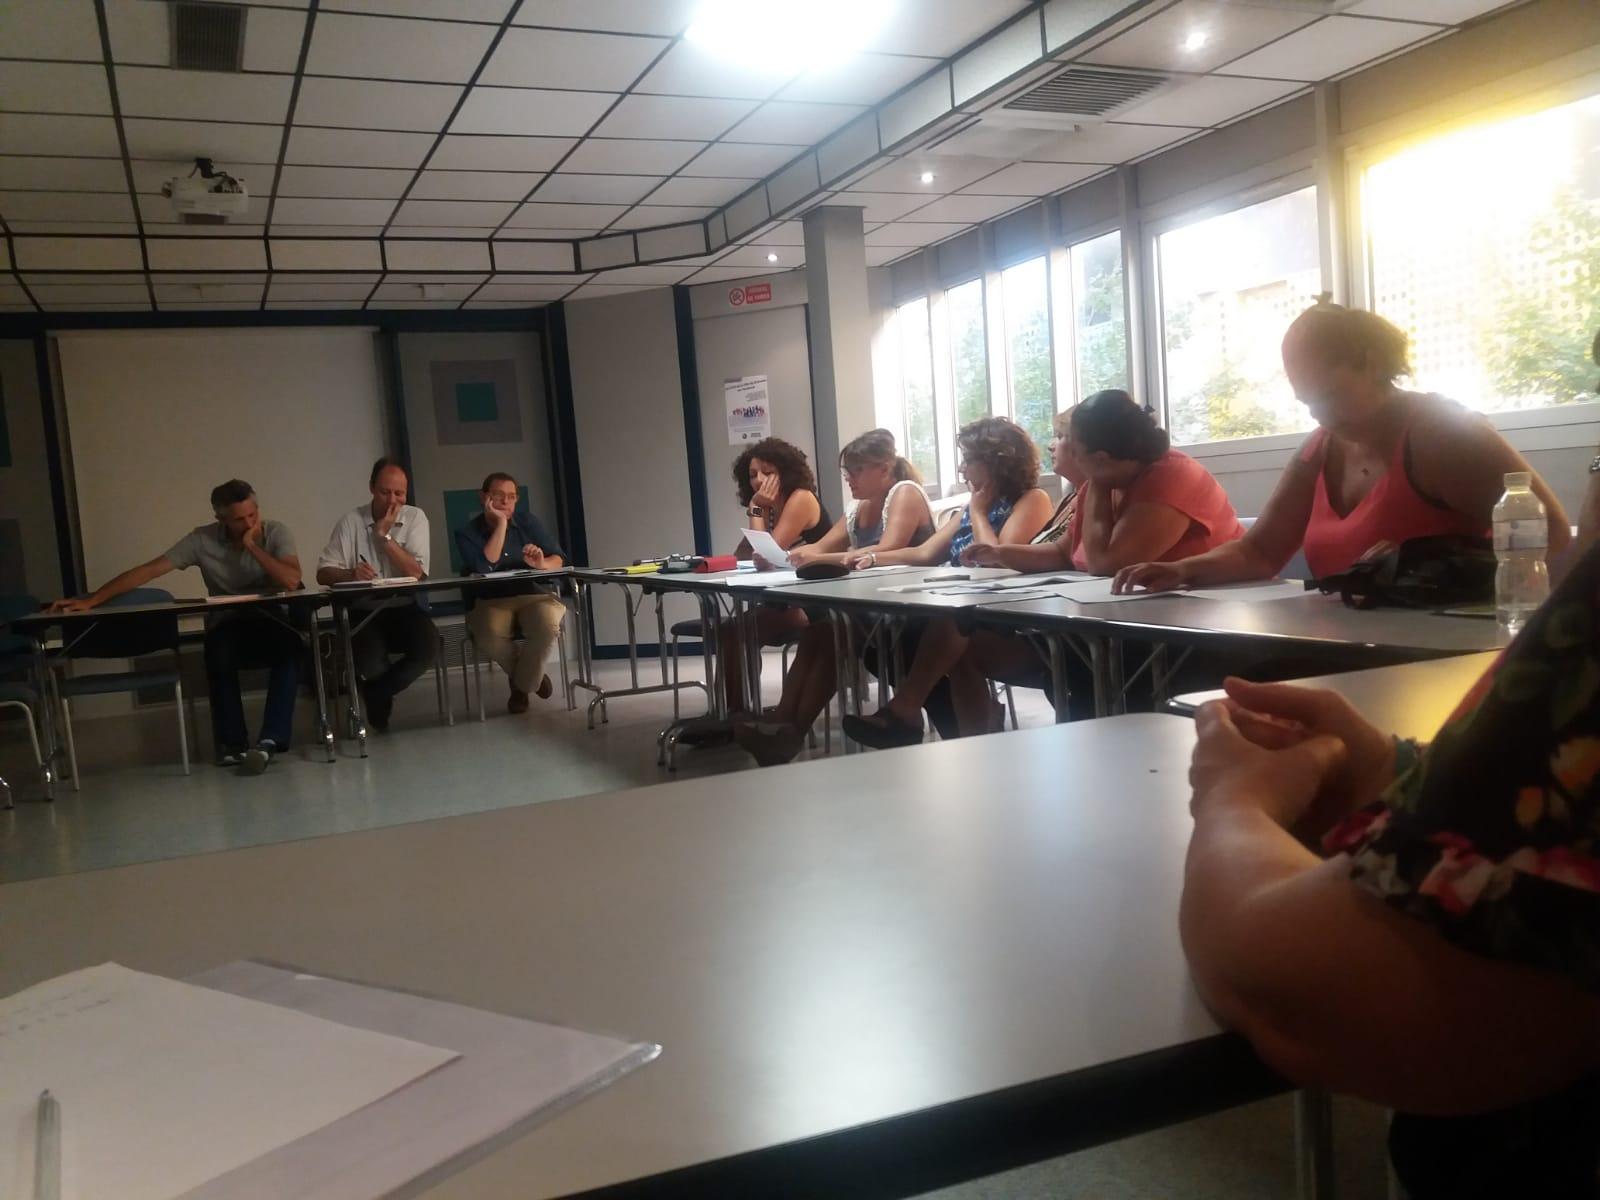 Fermeture de la crèche des 3 POM': Les élus au CCAS refusent de recevoir les demandes des assistantes maternelles